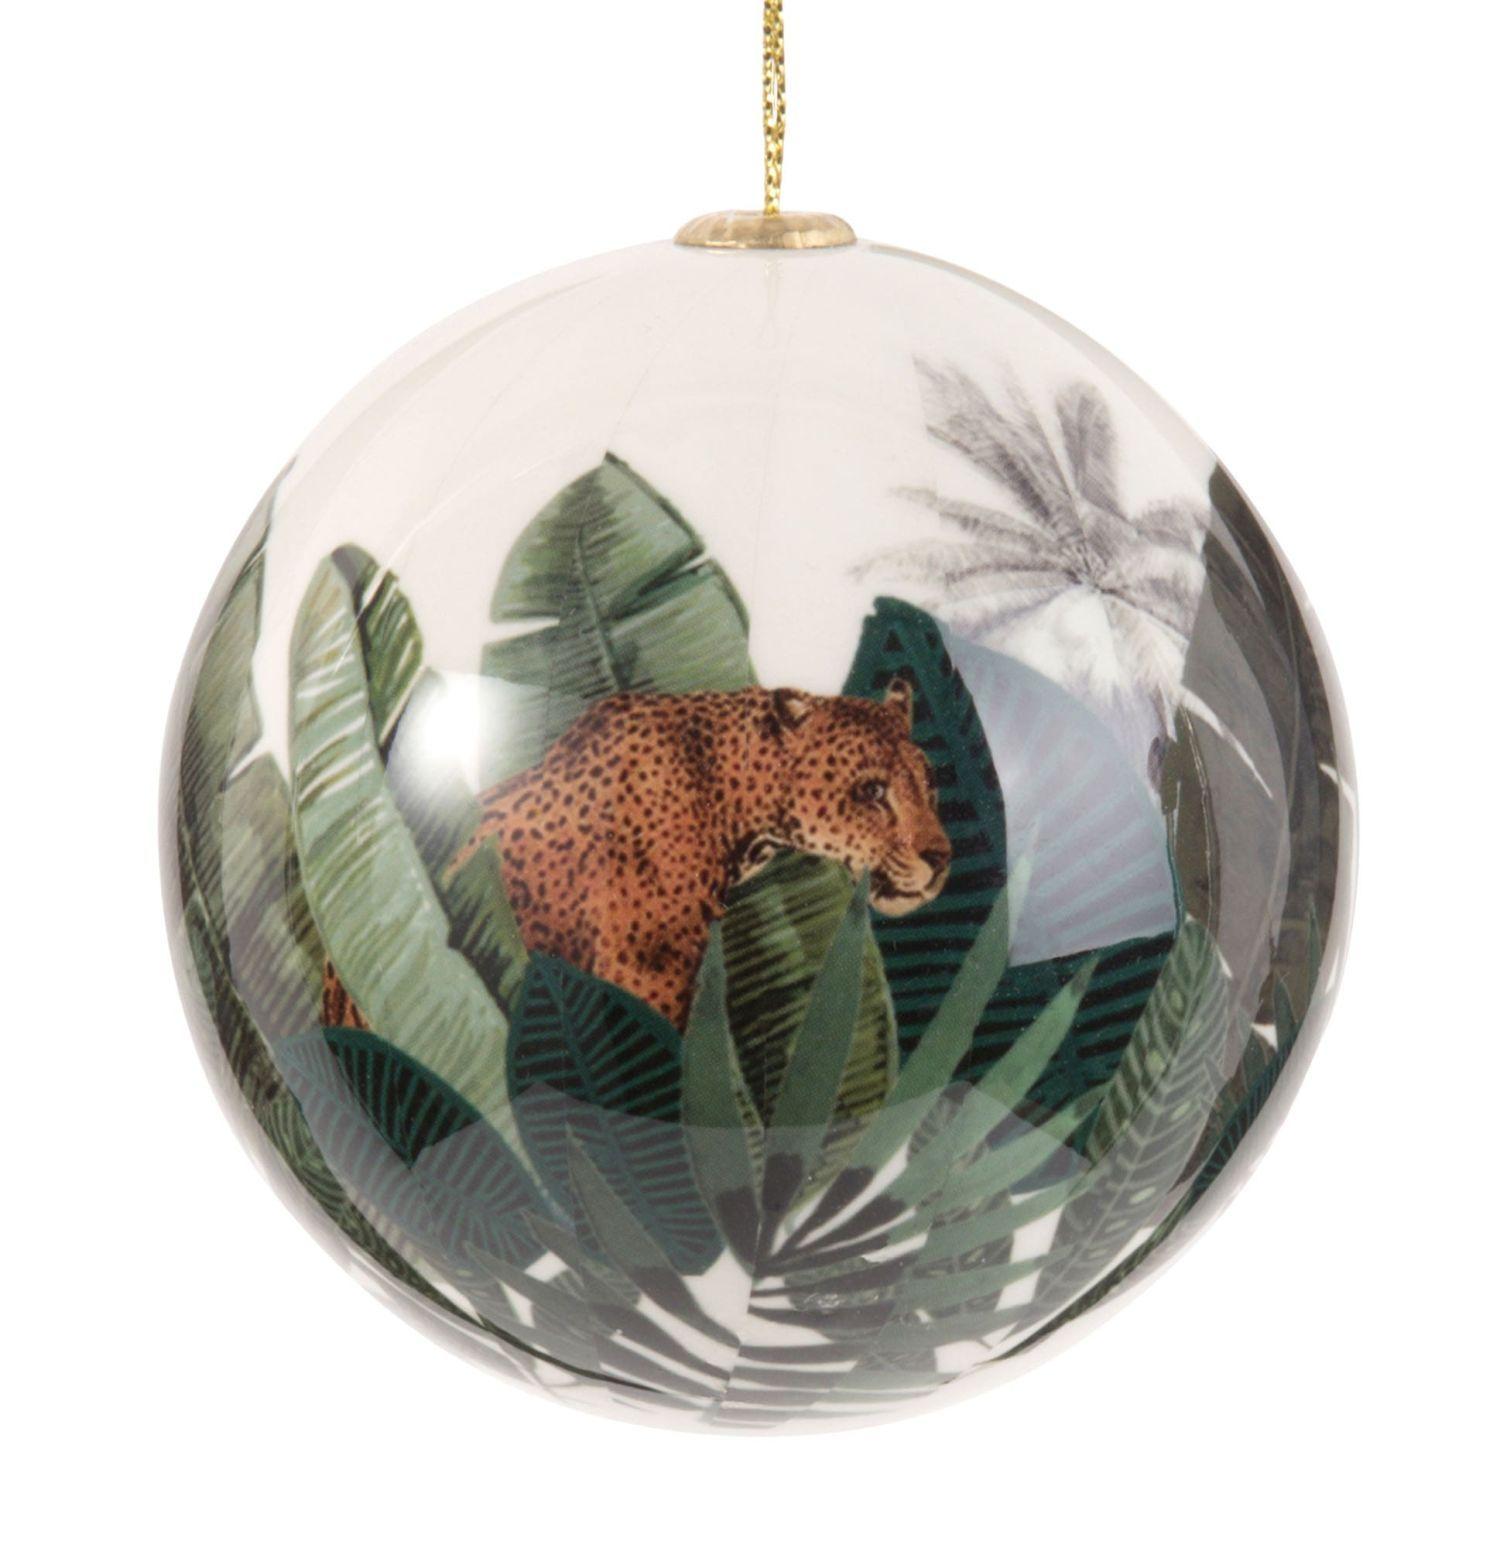 Decorations De Noel Noel Tropical Decoration Noel Et Noel